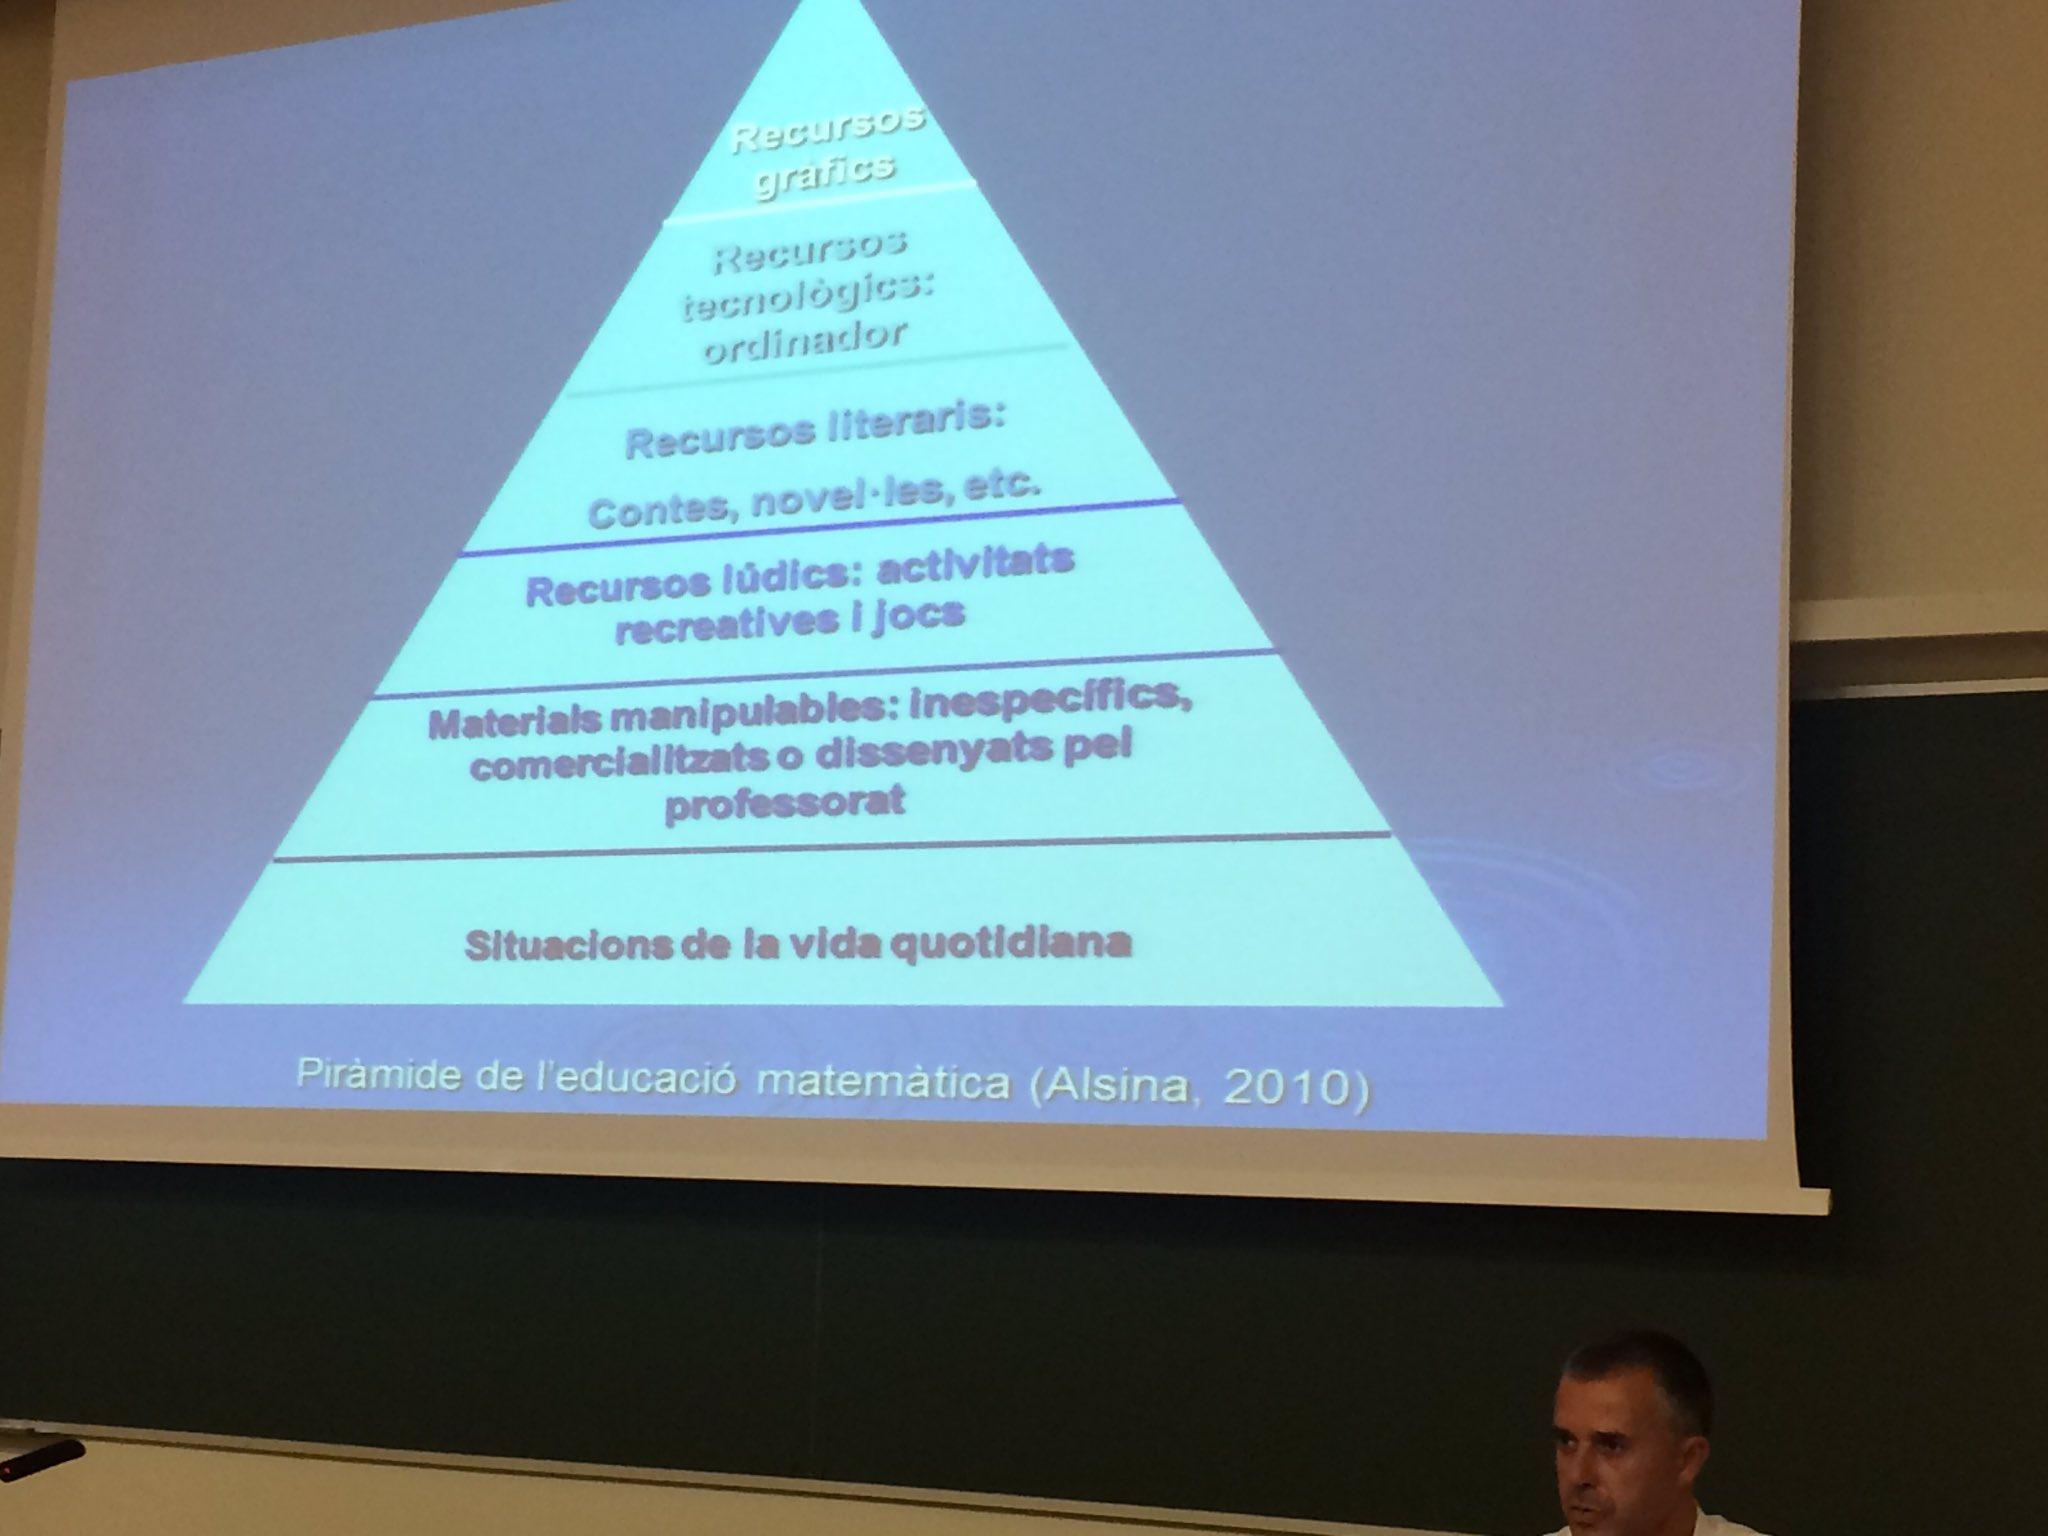 #XII_jemcv #XIII_jem piràmide de l'educació. Ángel Alsina https://t.co/xWoQ4xg4xu